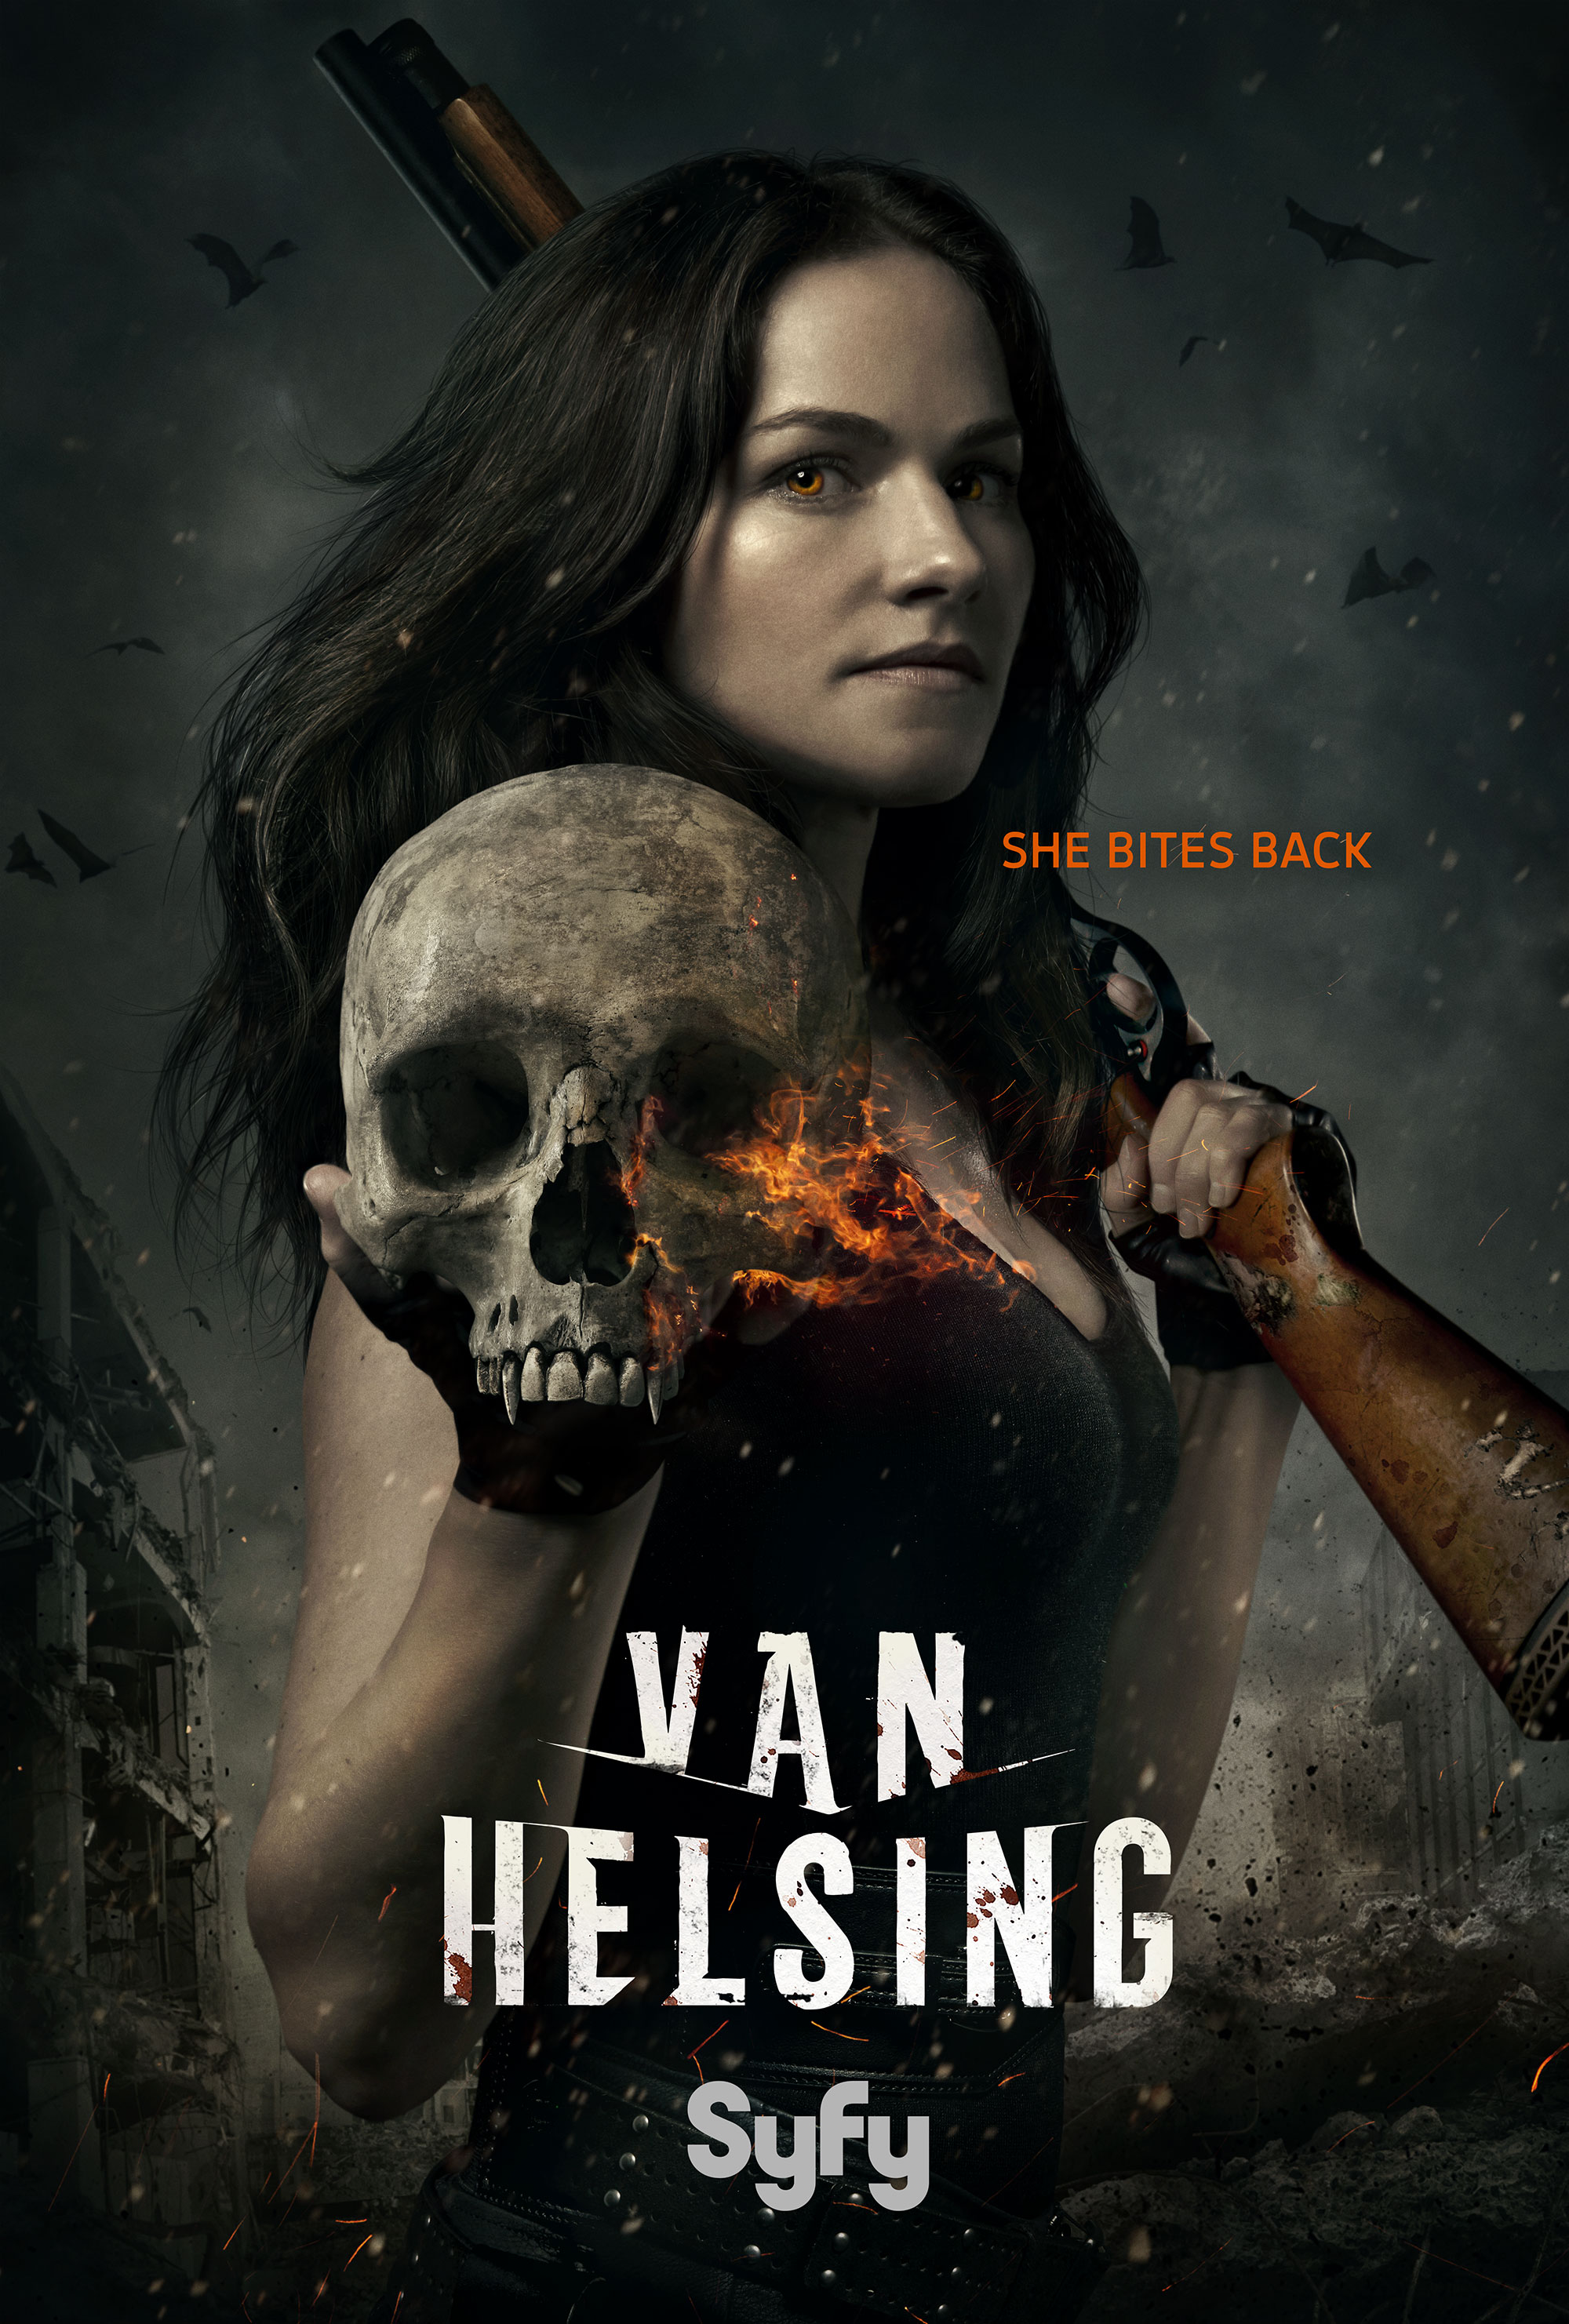 van_helsing_poster_notunein.jpg